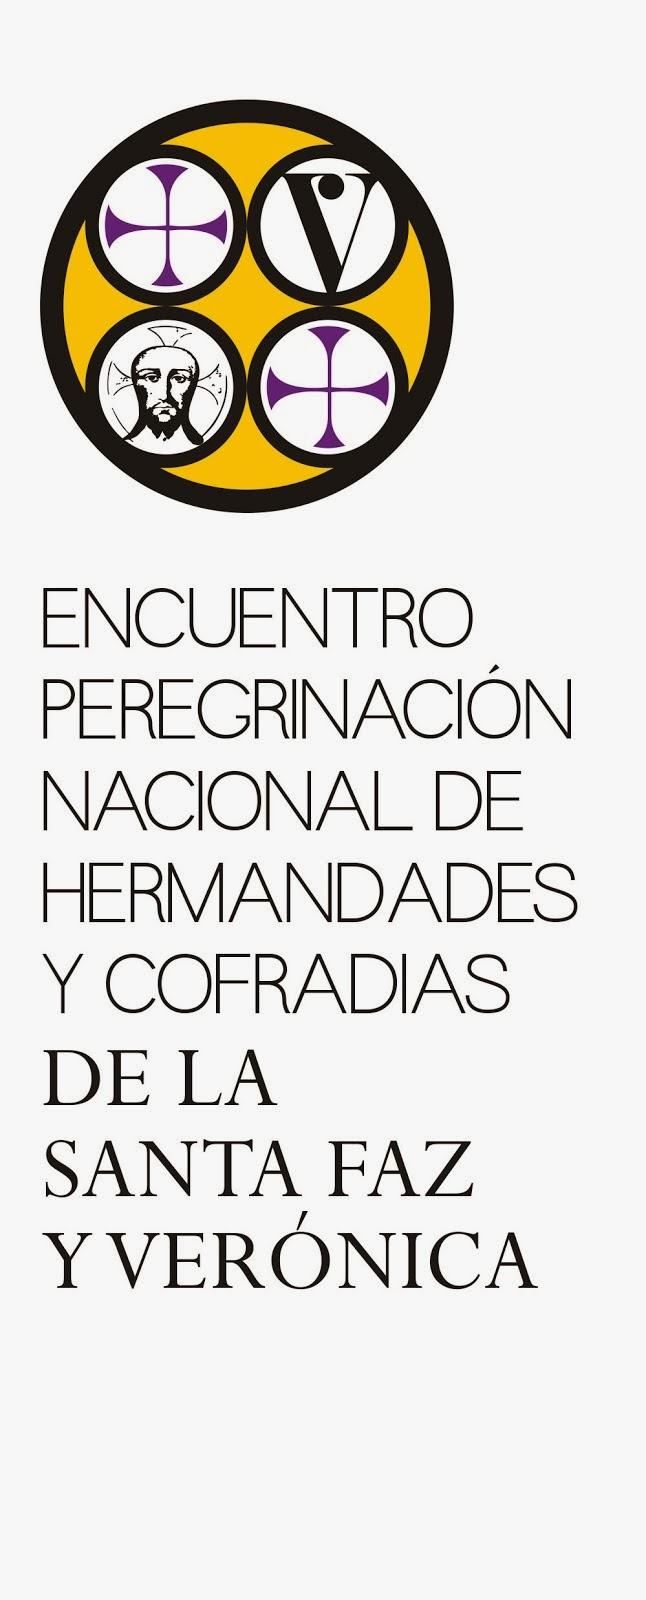 Logo Encuentro-Peregrinacion